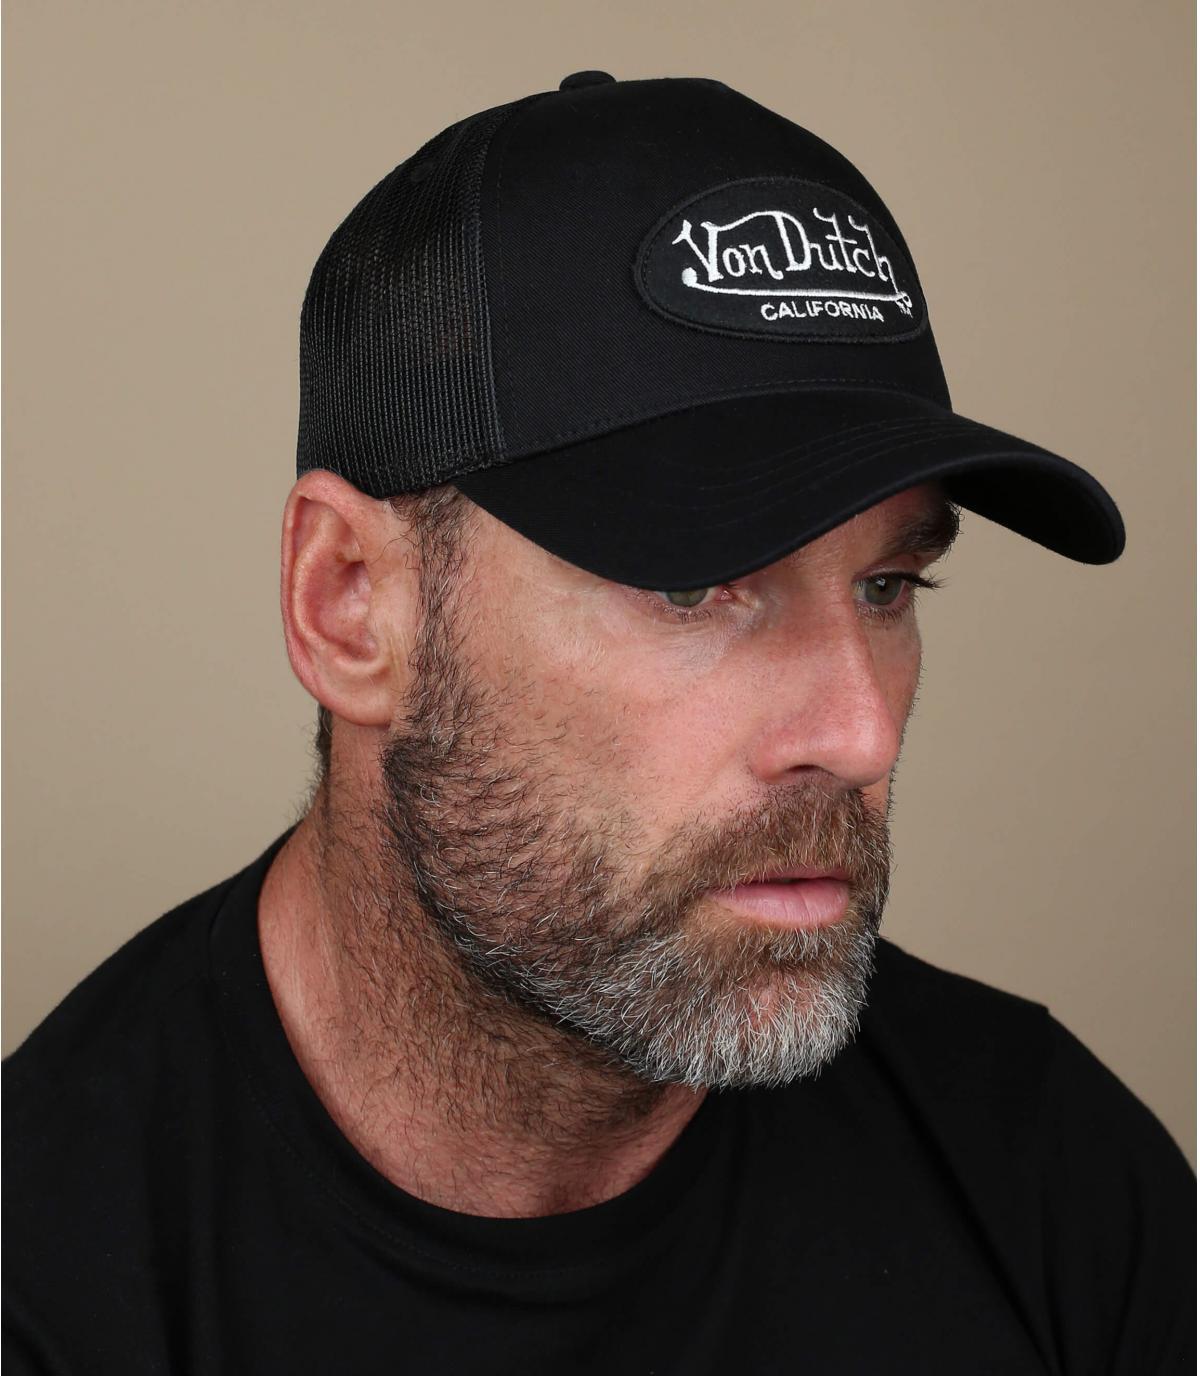 Von Dutch vrachtwagenchauffeur hoed zwart.